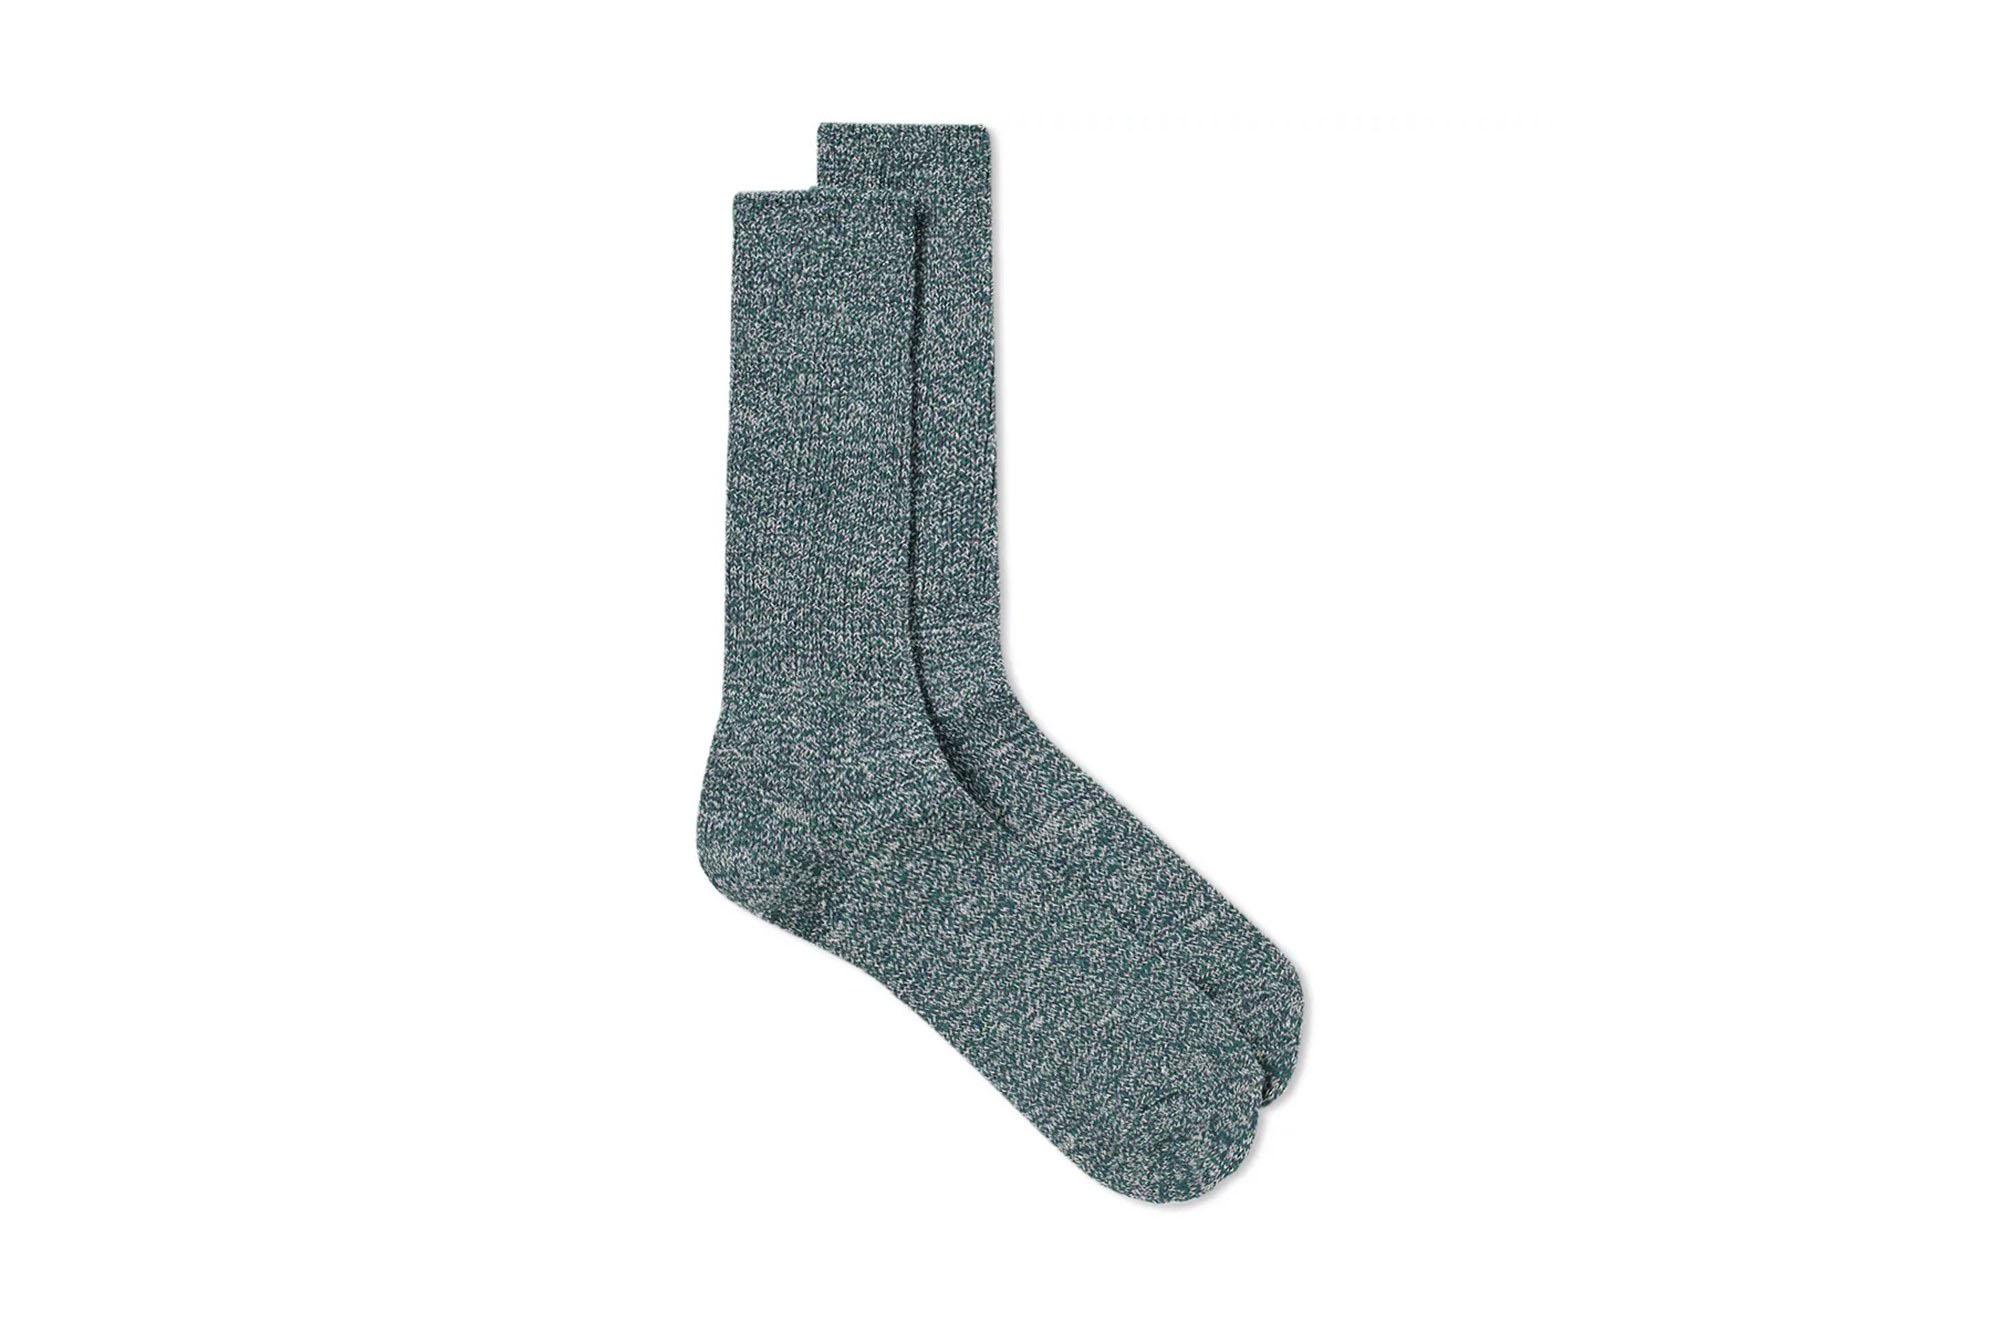 露脚踝没那么时髦了 来选选袜子吧